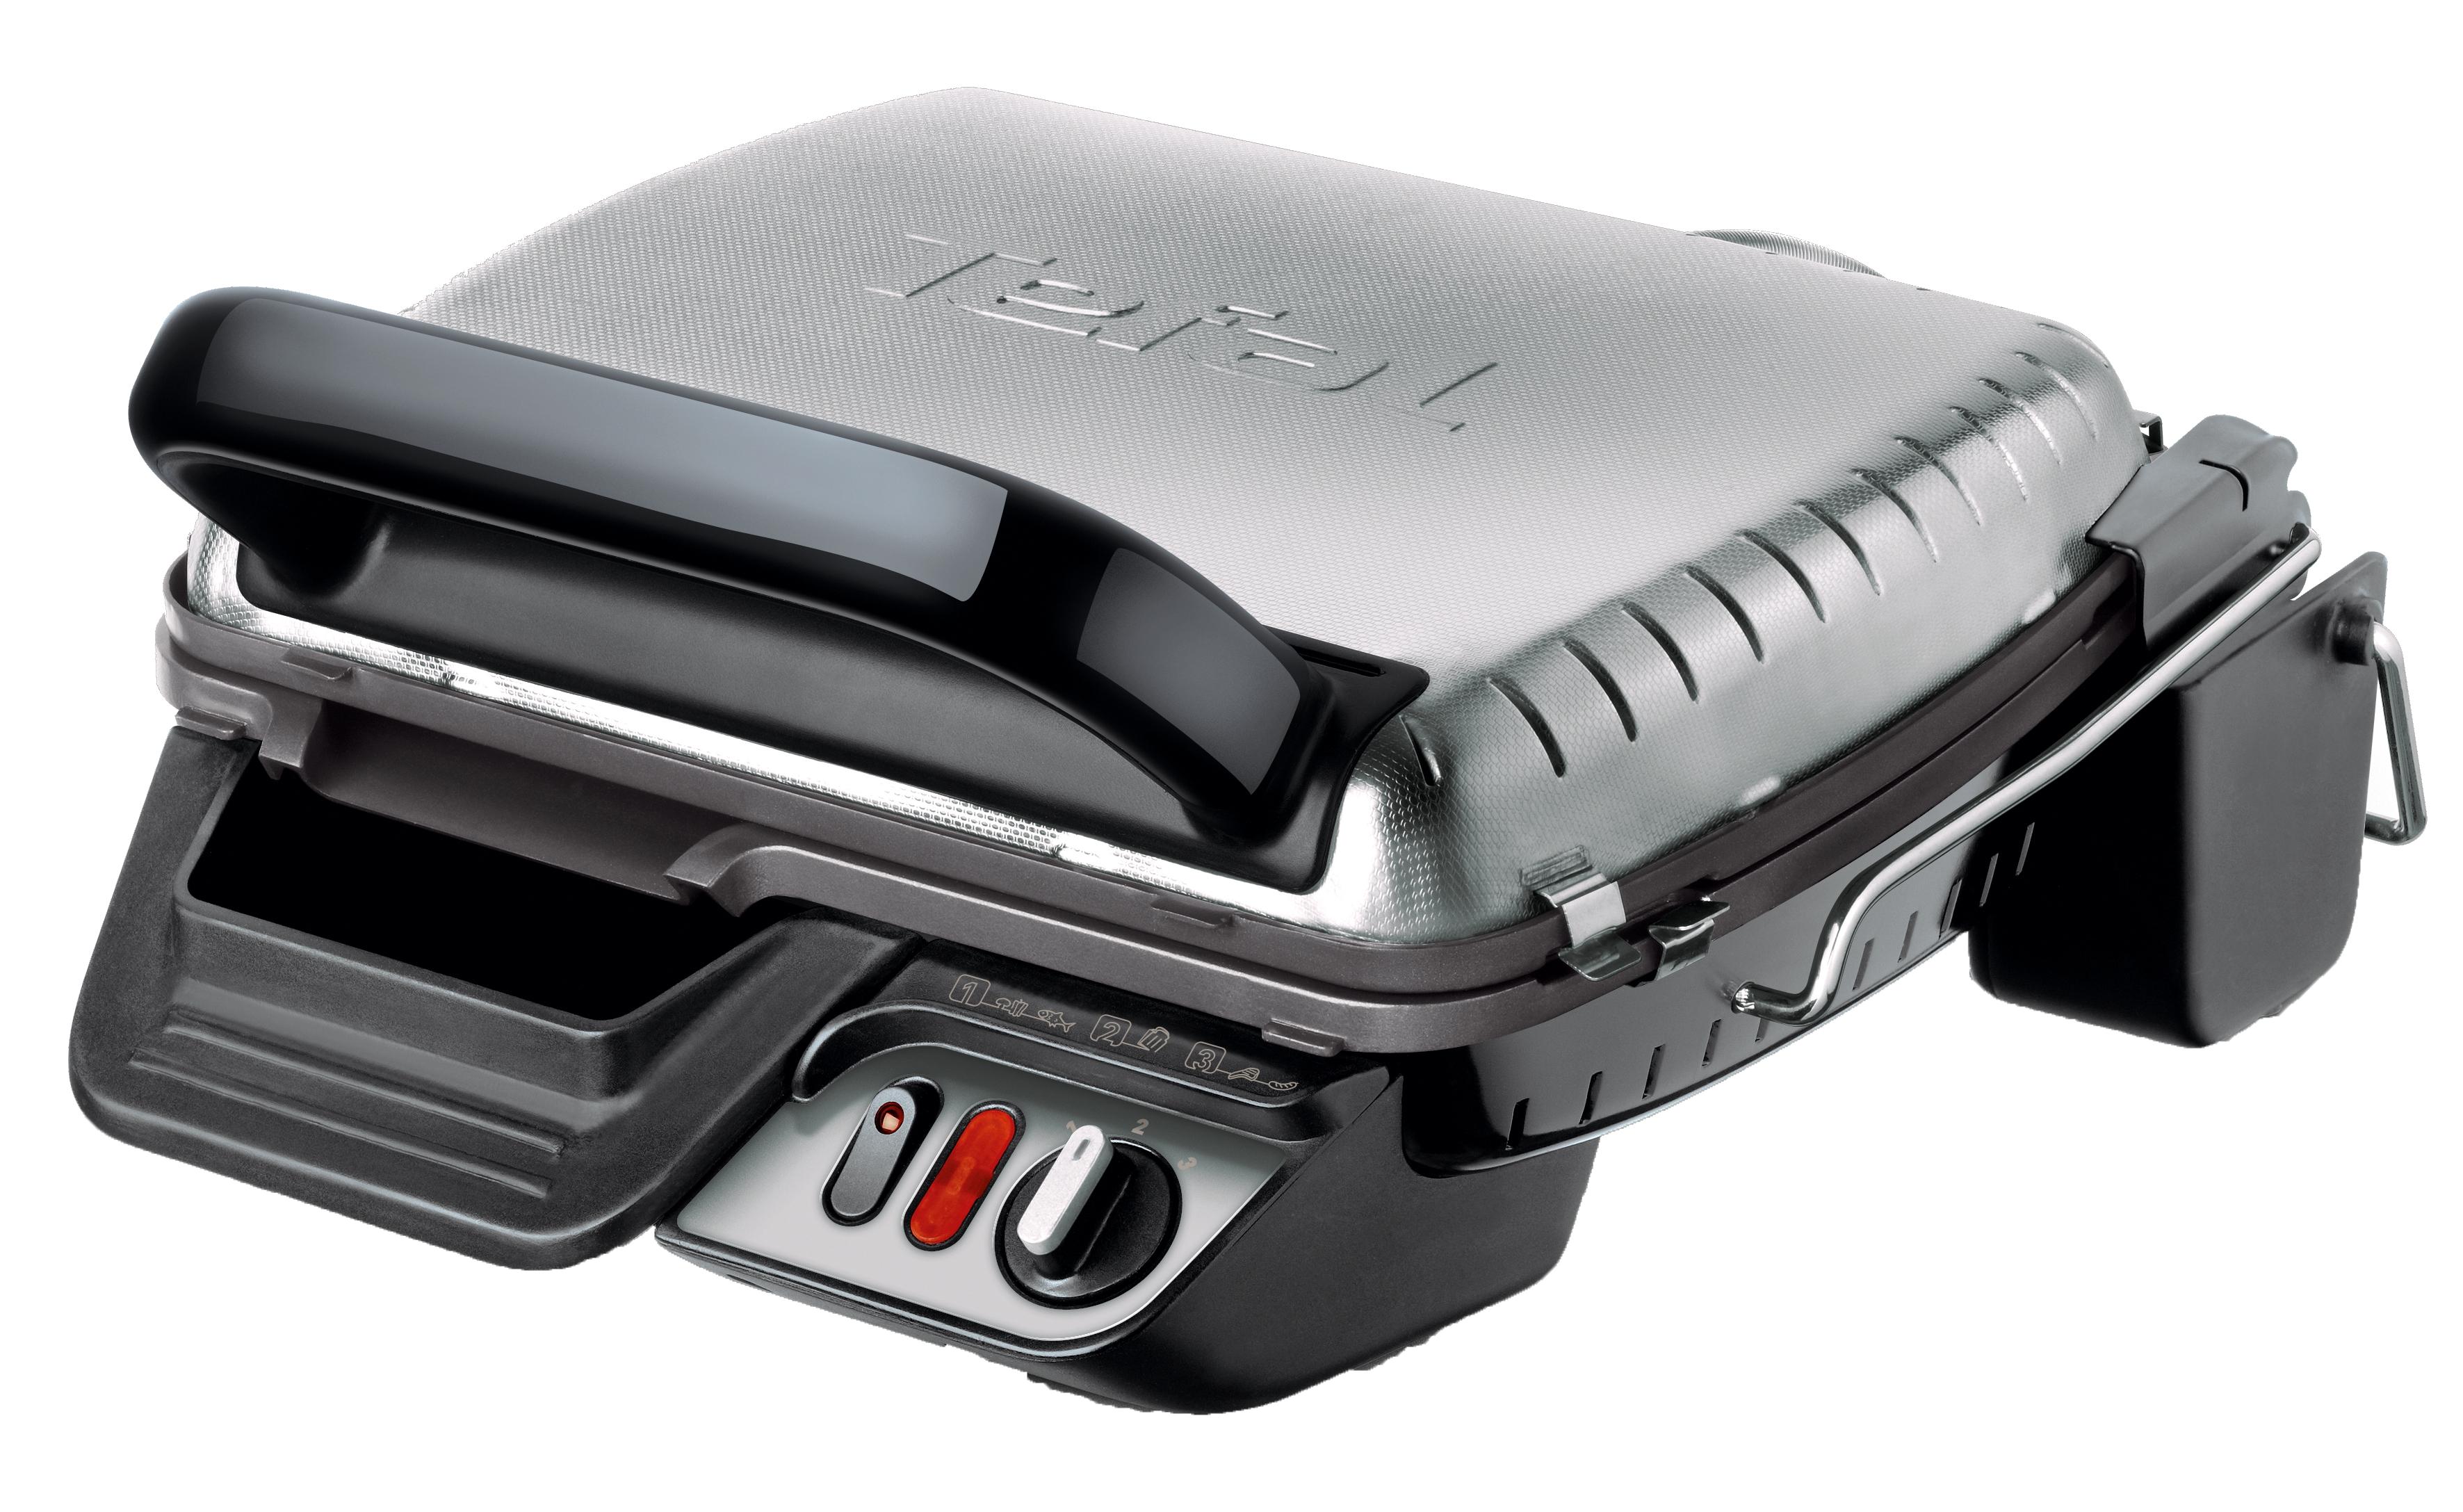 Tefal GC306012 Health Grill Comfort электрогрильGC306012Контактный гриль Health Grill Comfort имеет 3 температурных режима нагрева для приготовления разнообразных продуктов и достижения различныхстепеней прожаркиCверхбыстрое приготовление: благодаря равномерному двустороннему нагреву продукты готовятся в 2 раза быстрее. Мясо, рыба, овощи, морепродукты, горячие бутерброды будут готовы за считанные минуты. Экономит Ваше время3 положения: гриль, барбекю и «печь» - подходит для разогрева пиццы, пирогов. Гриль оснащен съемными пластинами с антипригарным покрытием: позволяет готовить без масла - полезная еда.Сок и жир стекают в специальный поддон для сбора жидкости.Пластины и поддон легко мыть в посудомоечной машине. Прибор можно хранить компактно в вертикальном положении. Большой плюс для маленькой кухни